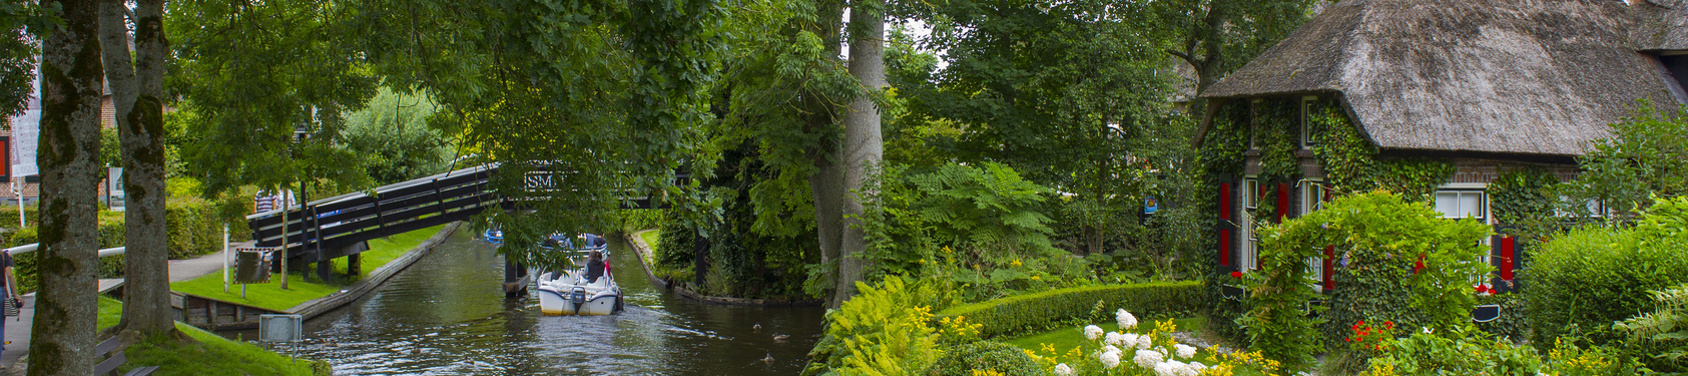 Bild von Steenwijkerland